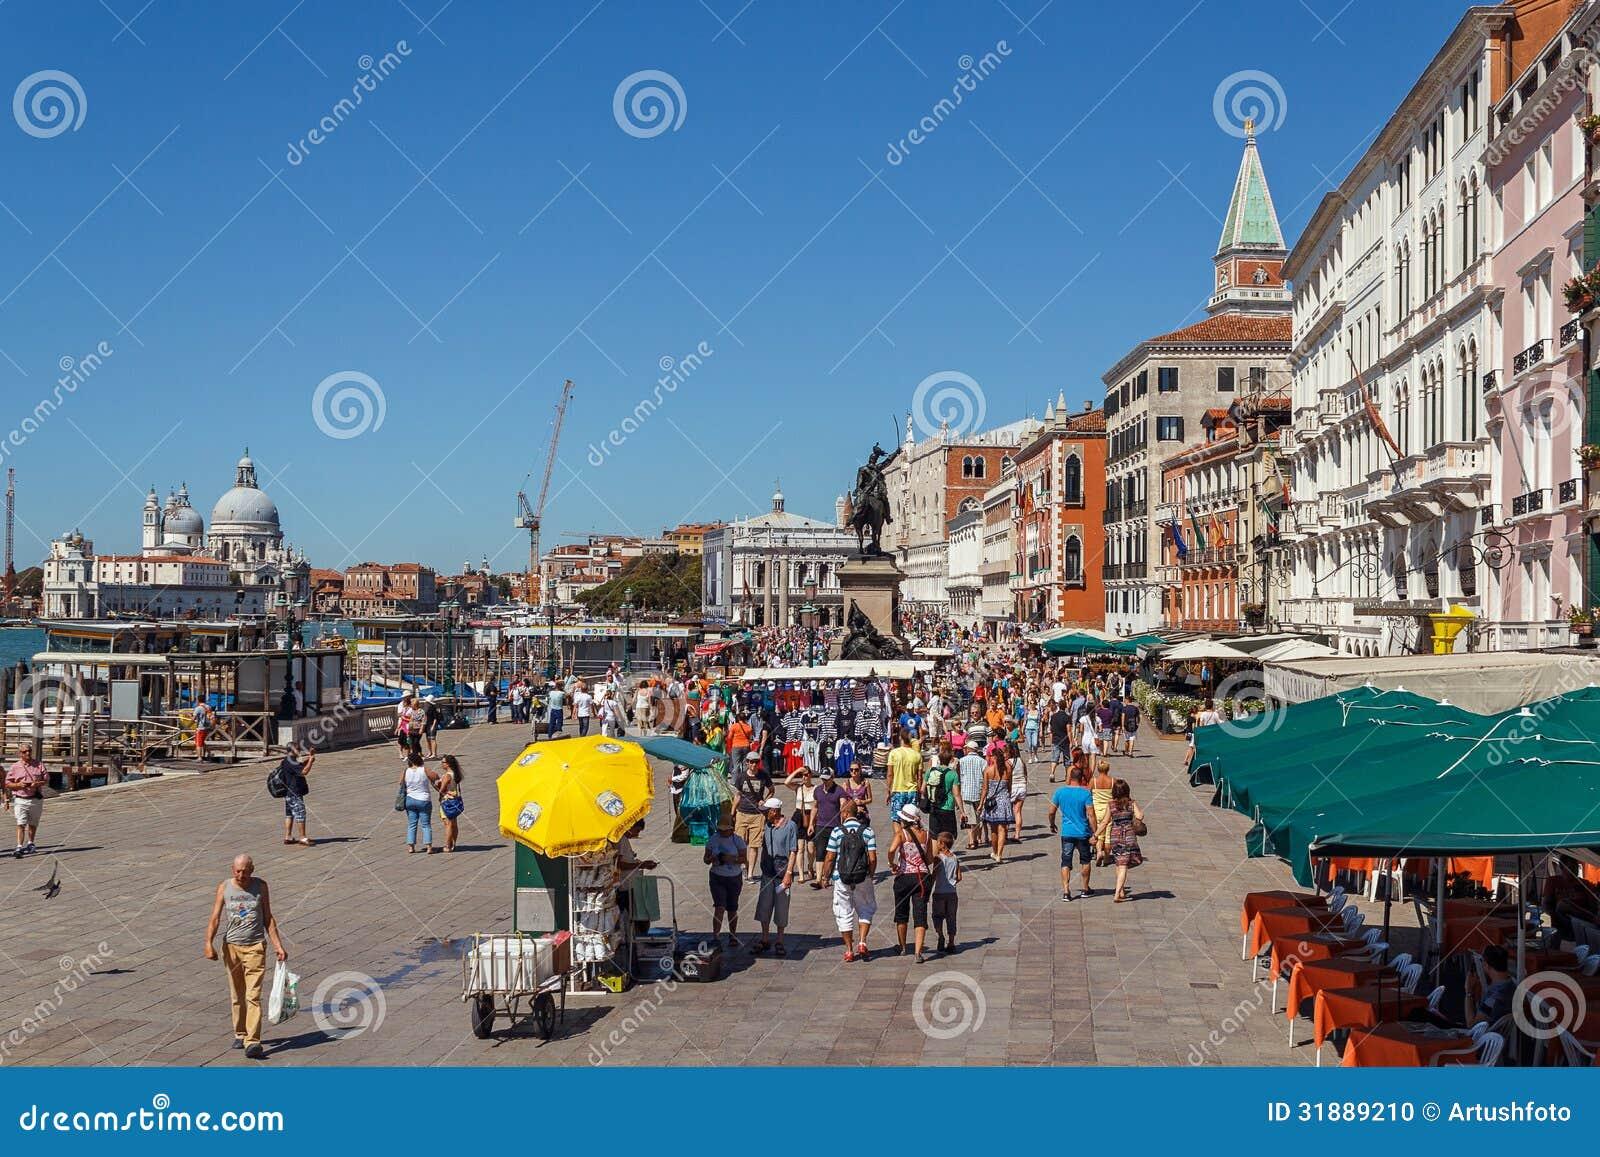 ITALIEN VENEDIG - JULI 2012: Venedig strand med folkmassan av turist- near St Marco Square på Juli 16, 2012 i Venedig. St Marco Sq